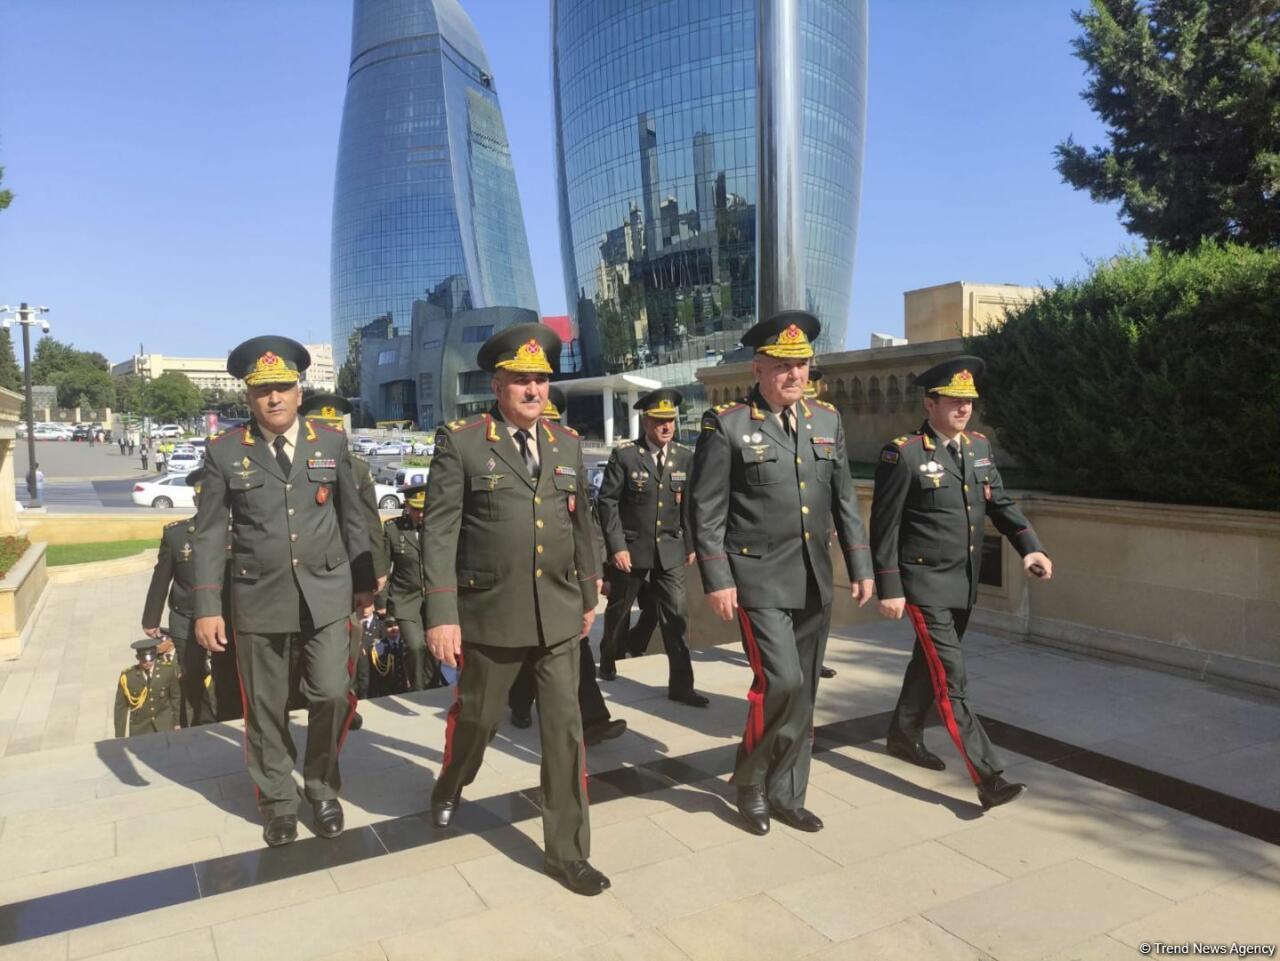 В Баку проходят шествия в связи со 103-й годовщиной освобождения города Кавказской исламской армией